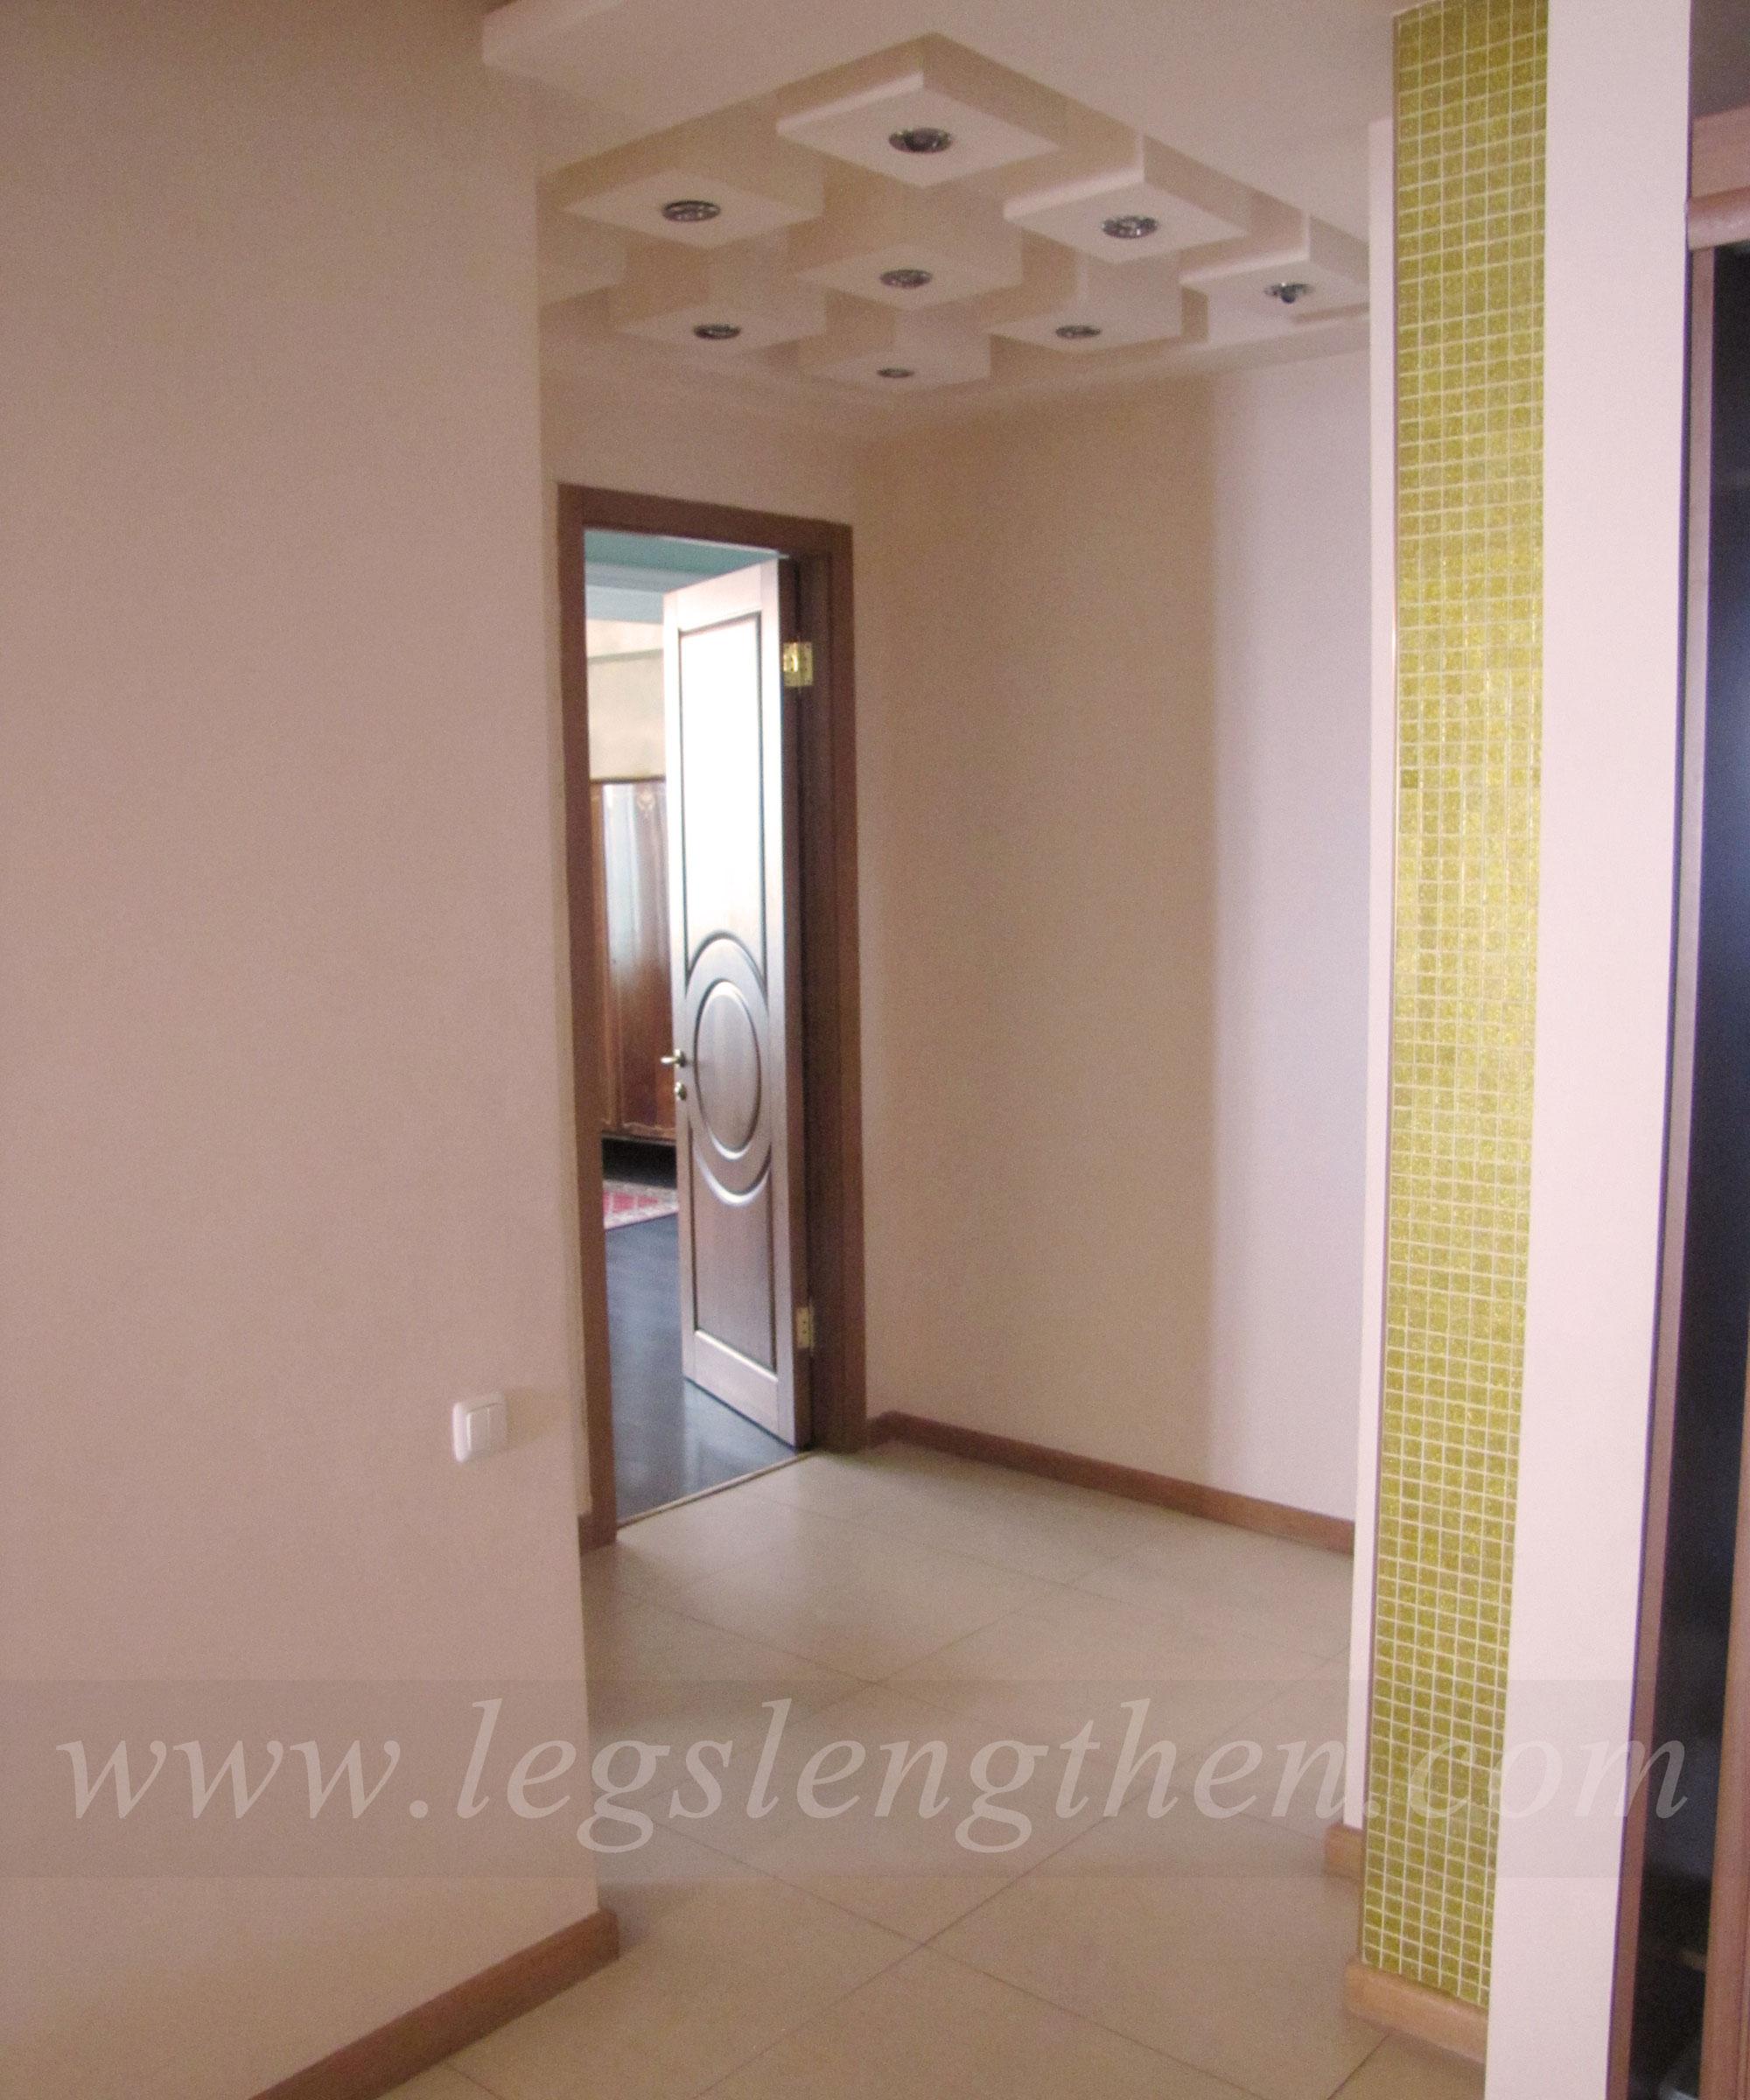 4-apartment-legs-lensgthening-armenia.jpg